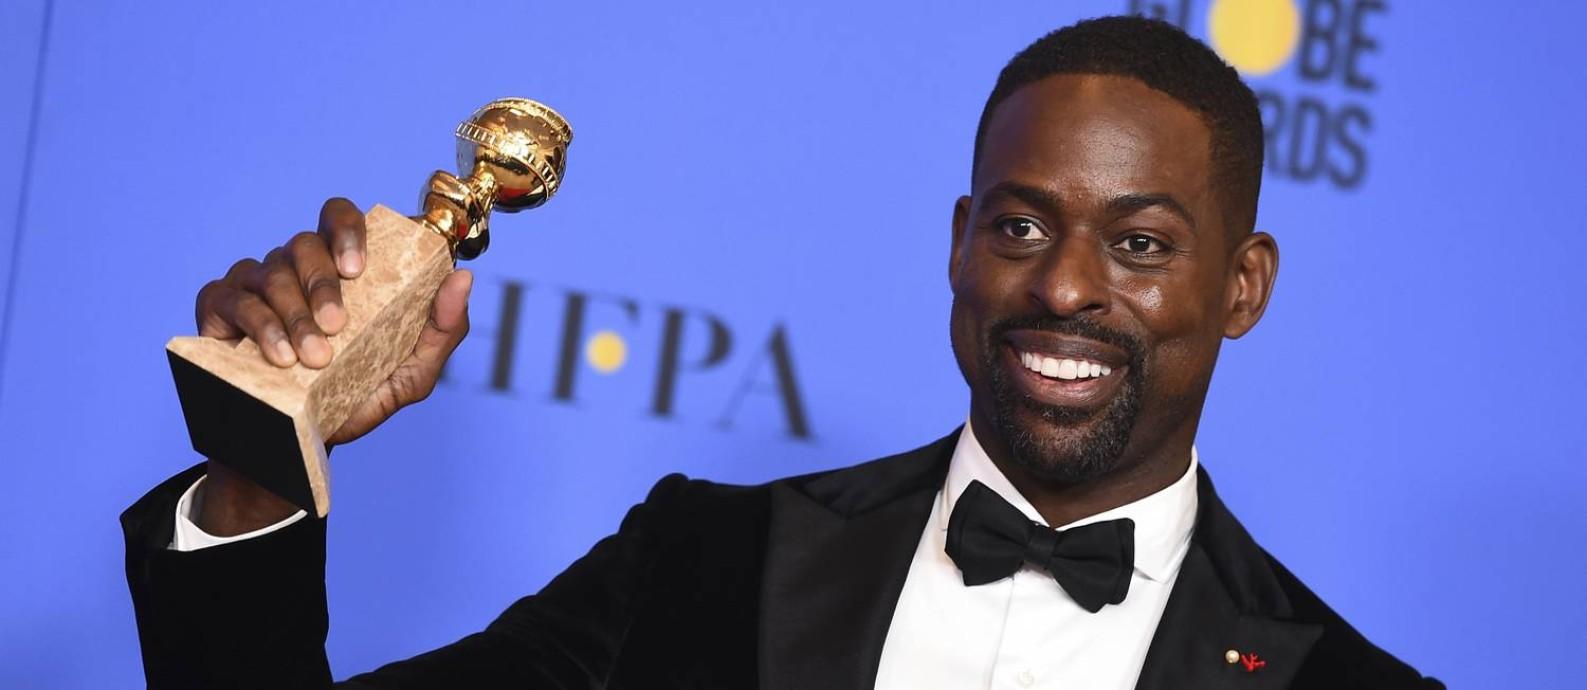 Sterling K. Brown com o troféu de melhor ator do Globo de Ouro 2018 por 'This is us' Foto: Jordan Strauss / AP